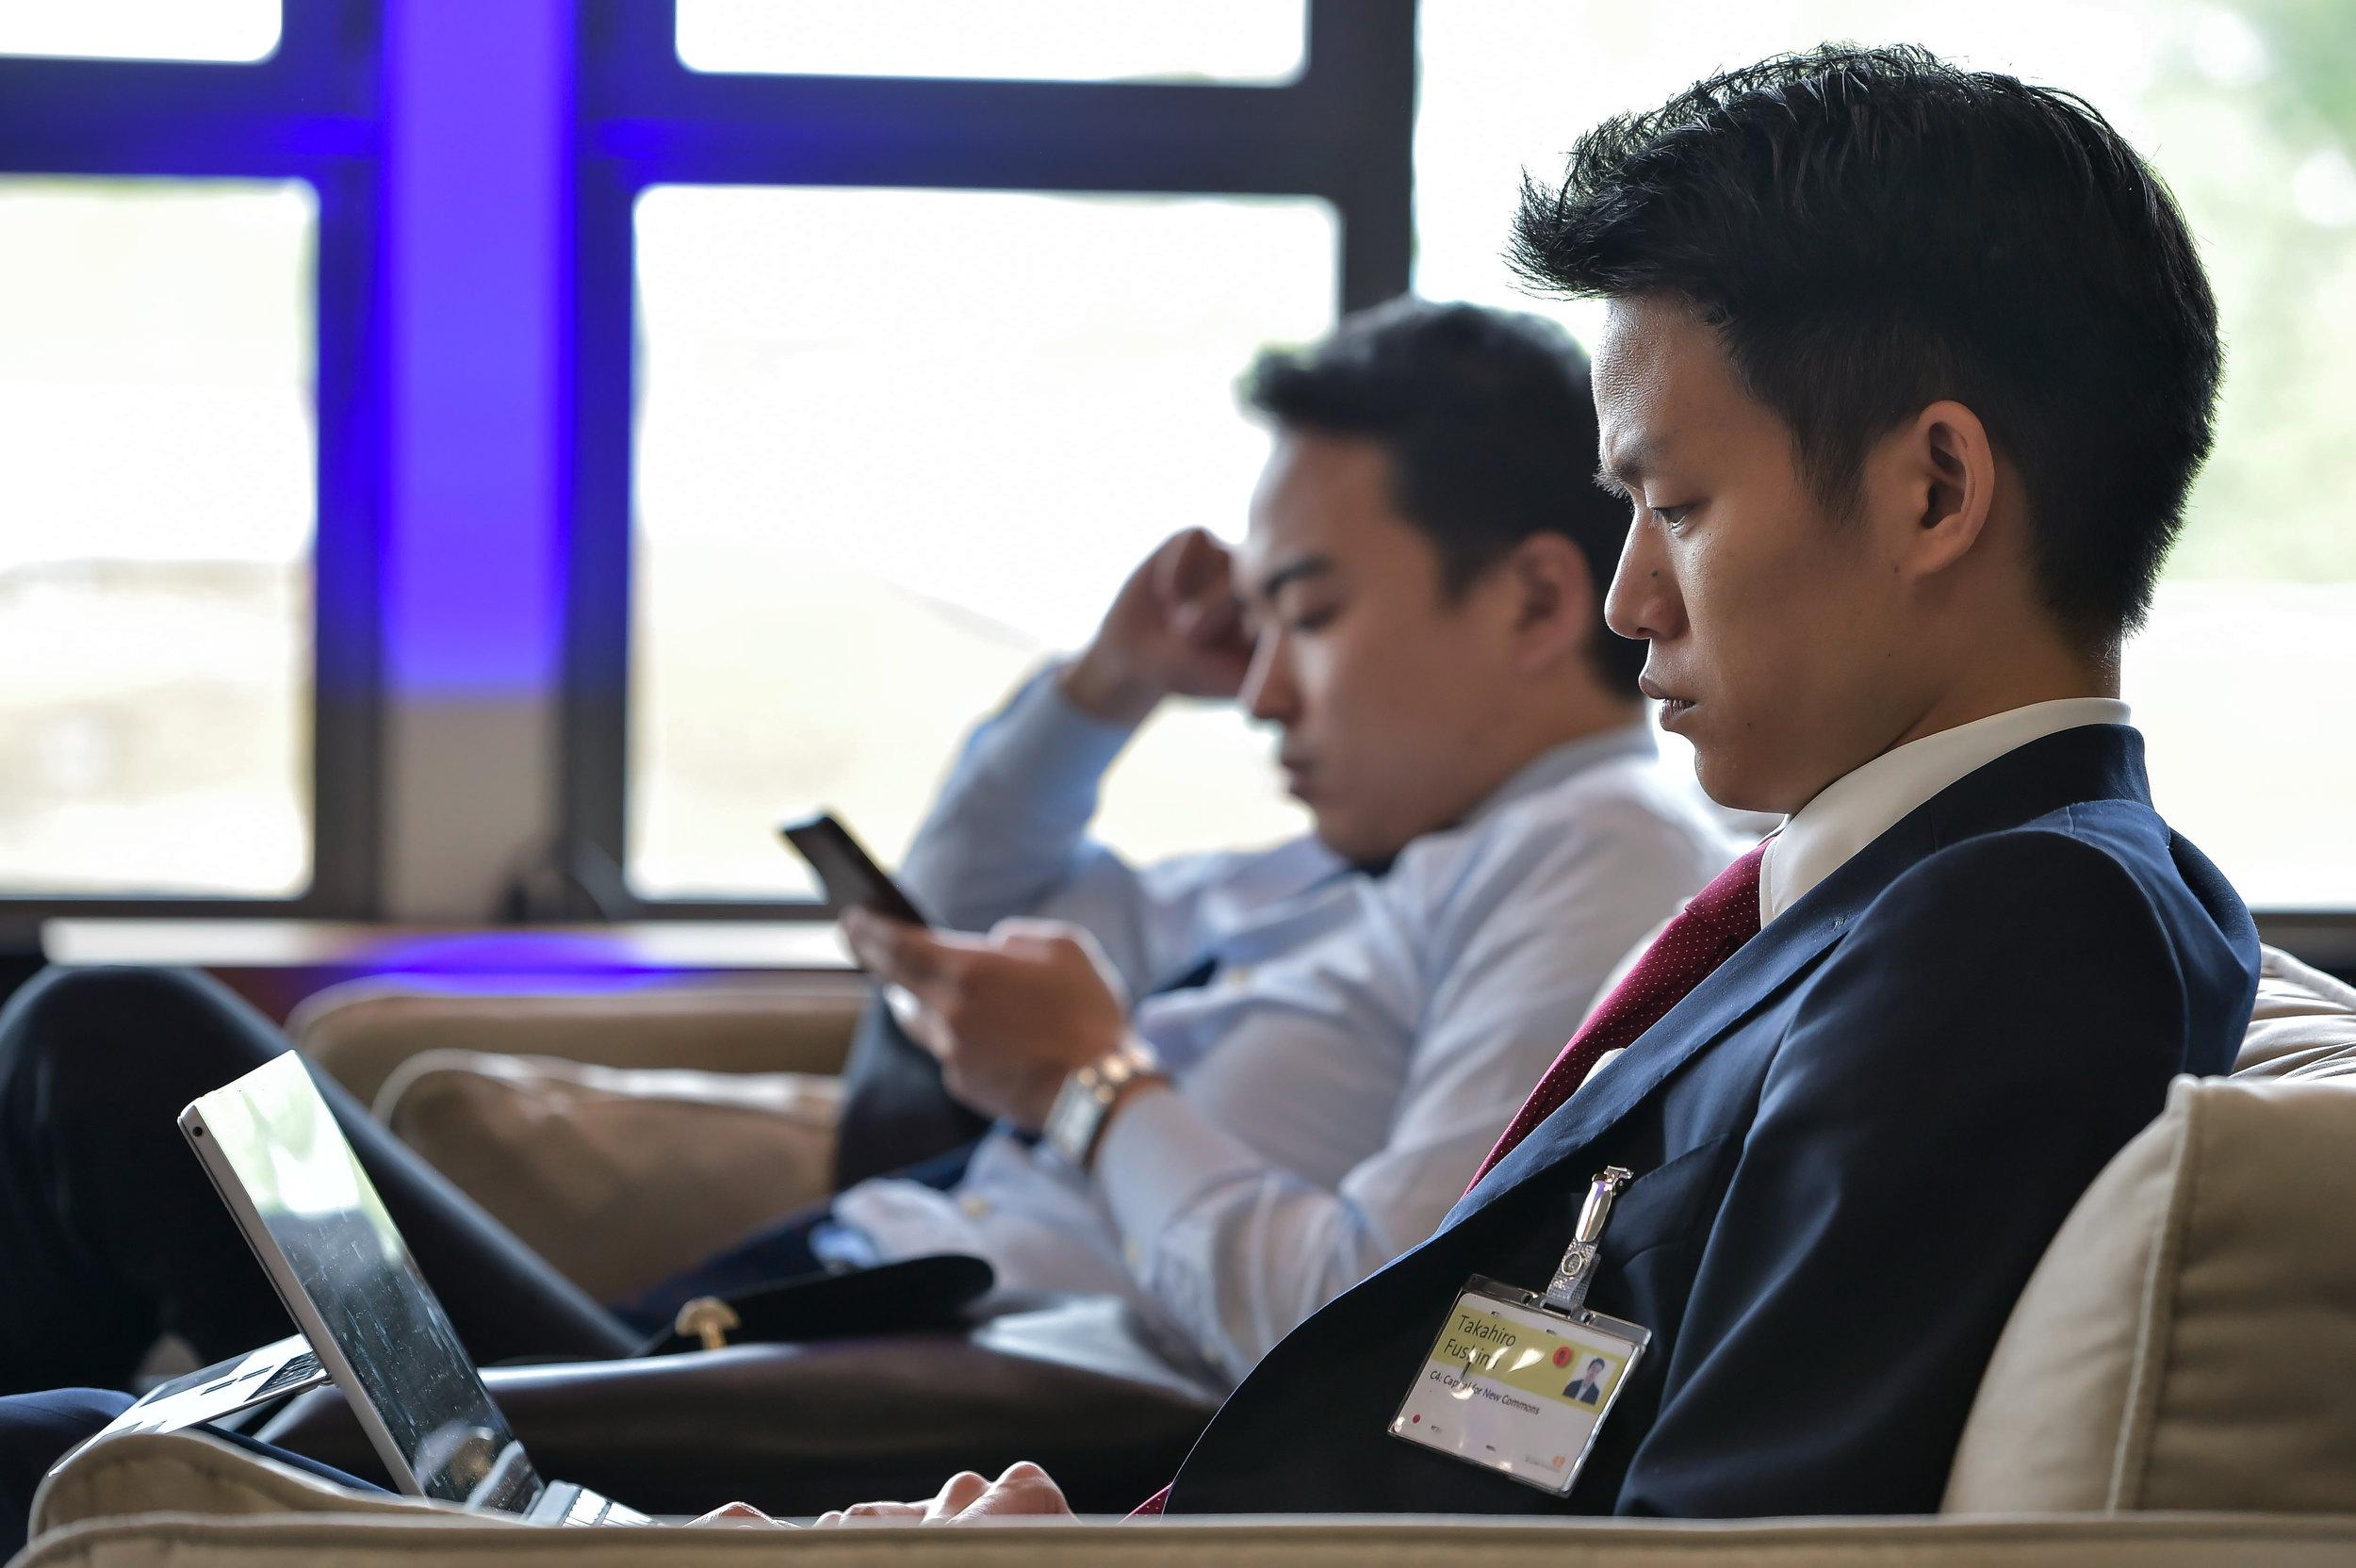 ミッション - 一般社団法人C4は提言、研究調査、助言や革新的金融を活用した資金調達プログラム企画を通じて、日本の社会的インパクト投資市場の発展及び社会的インパクトへ動員される民間資本の増加をミッションとします